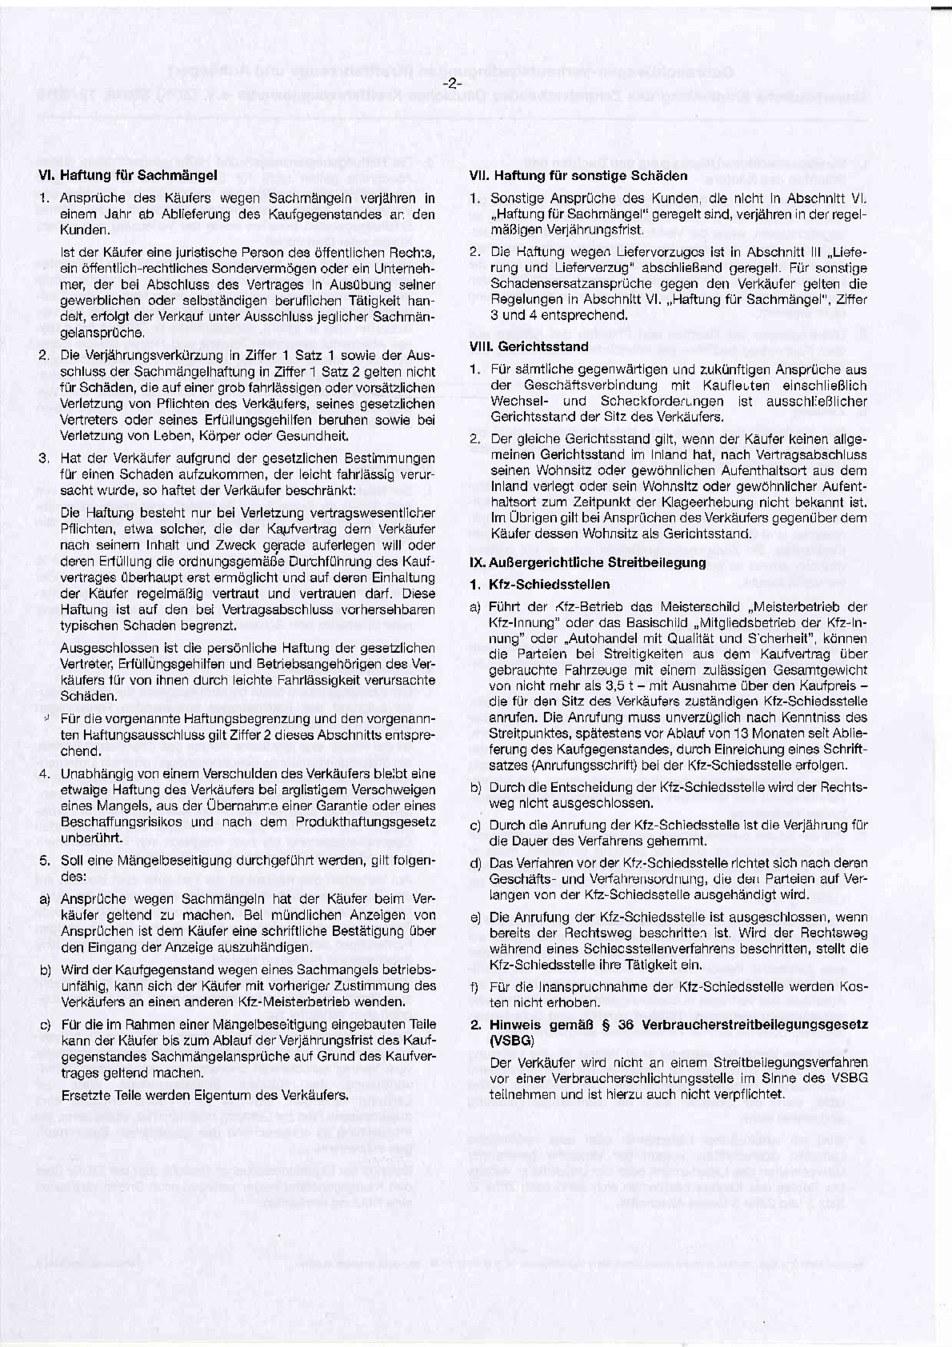 Gebrauchtwagen Verkaufsbedingungen Seite 2 von 2